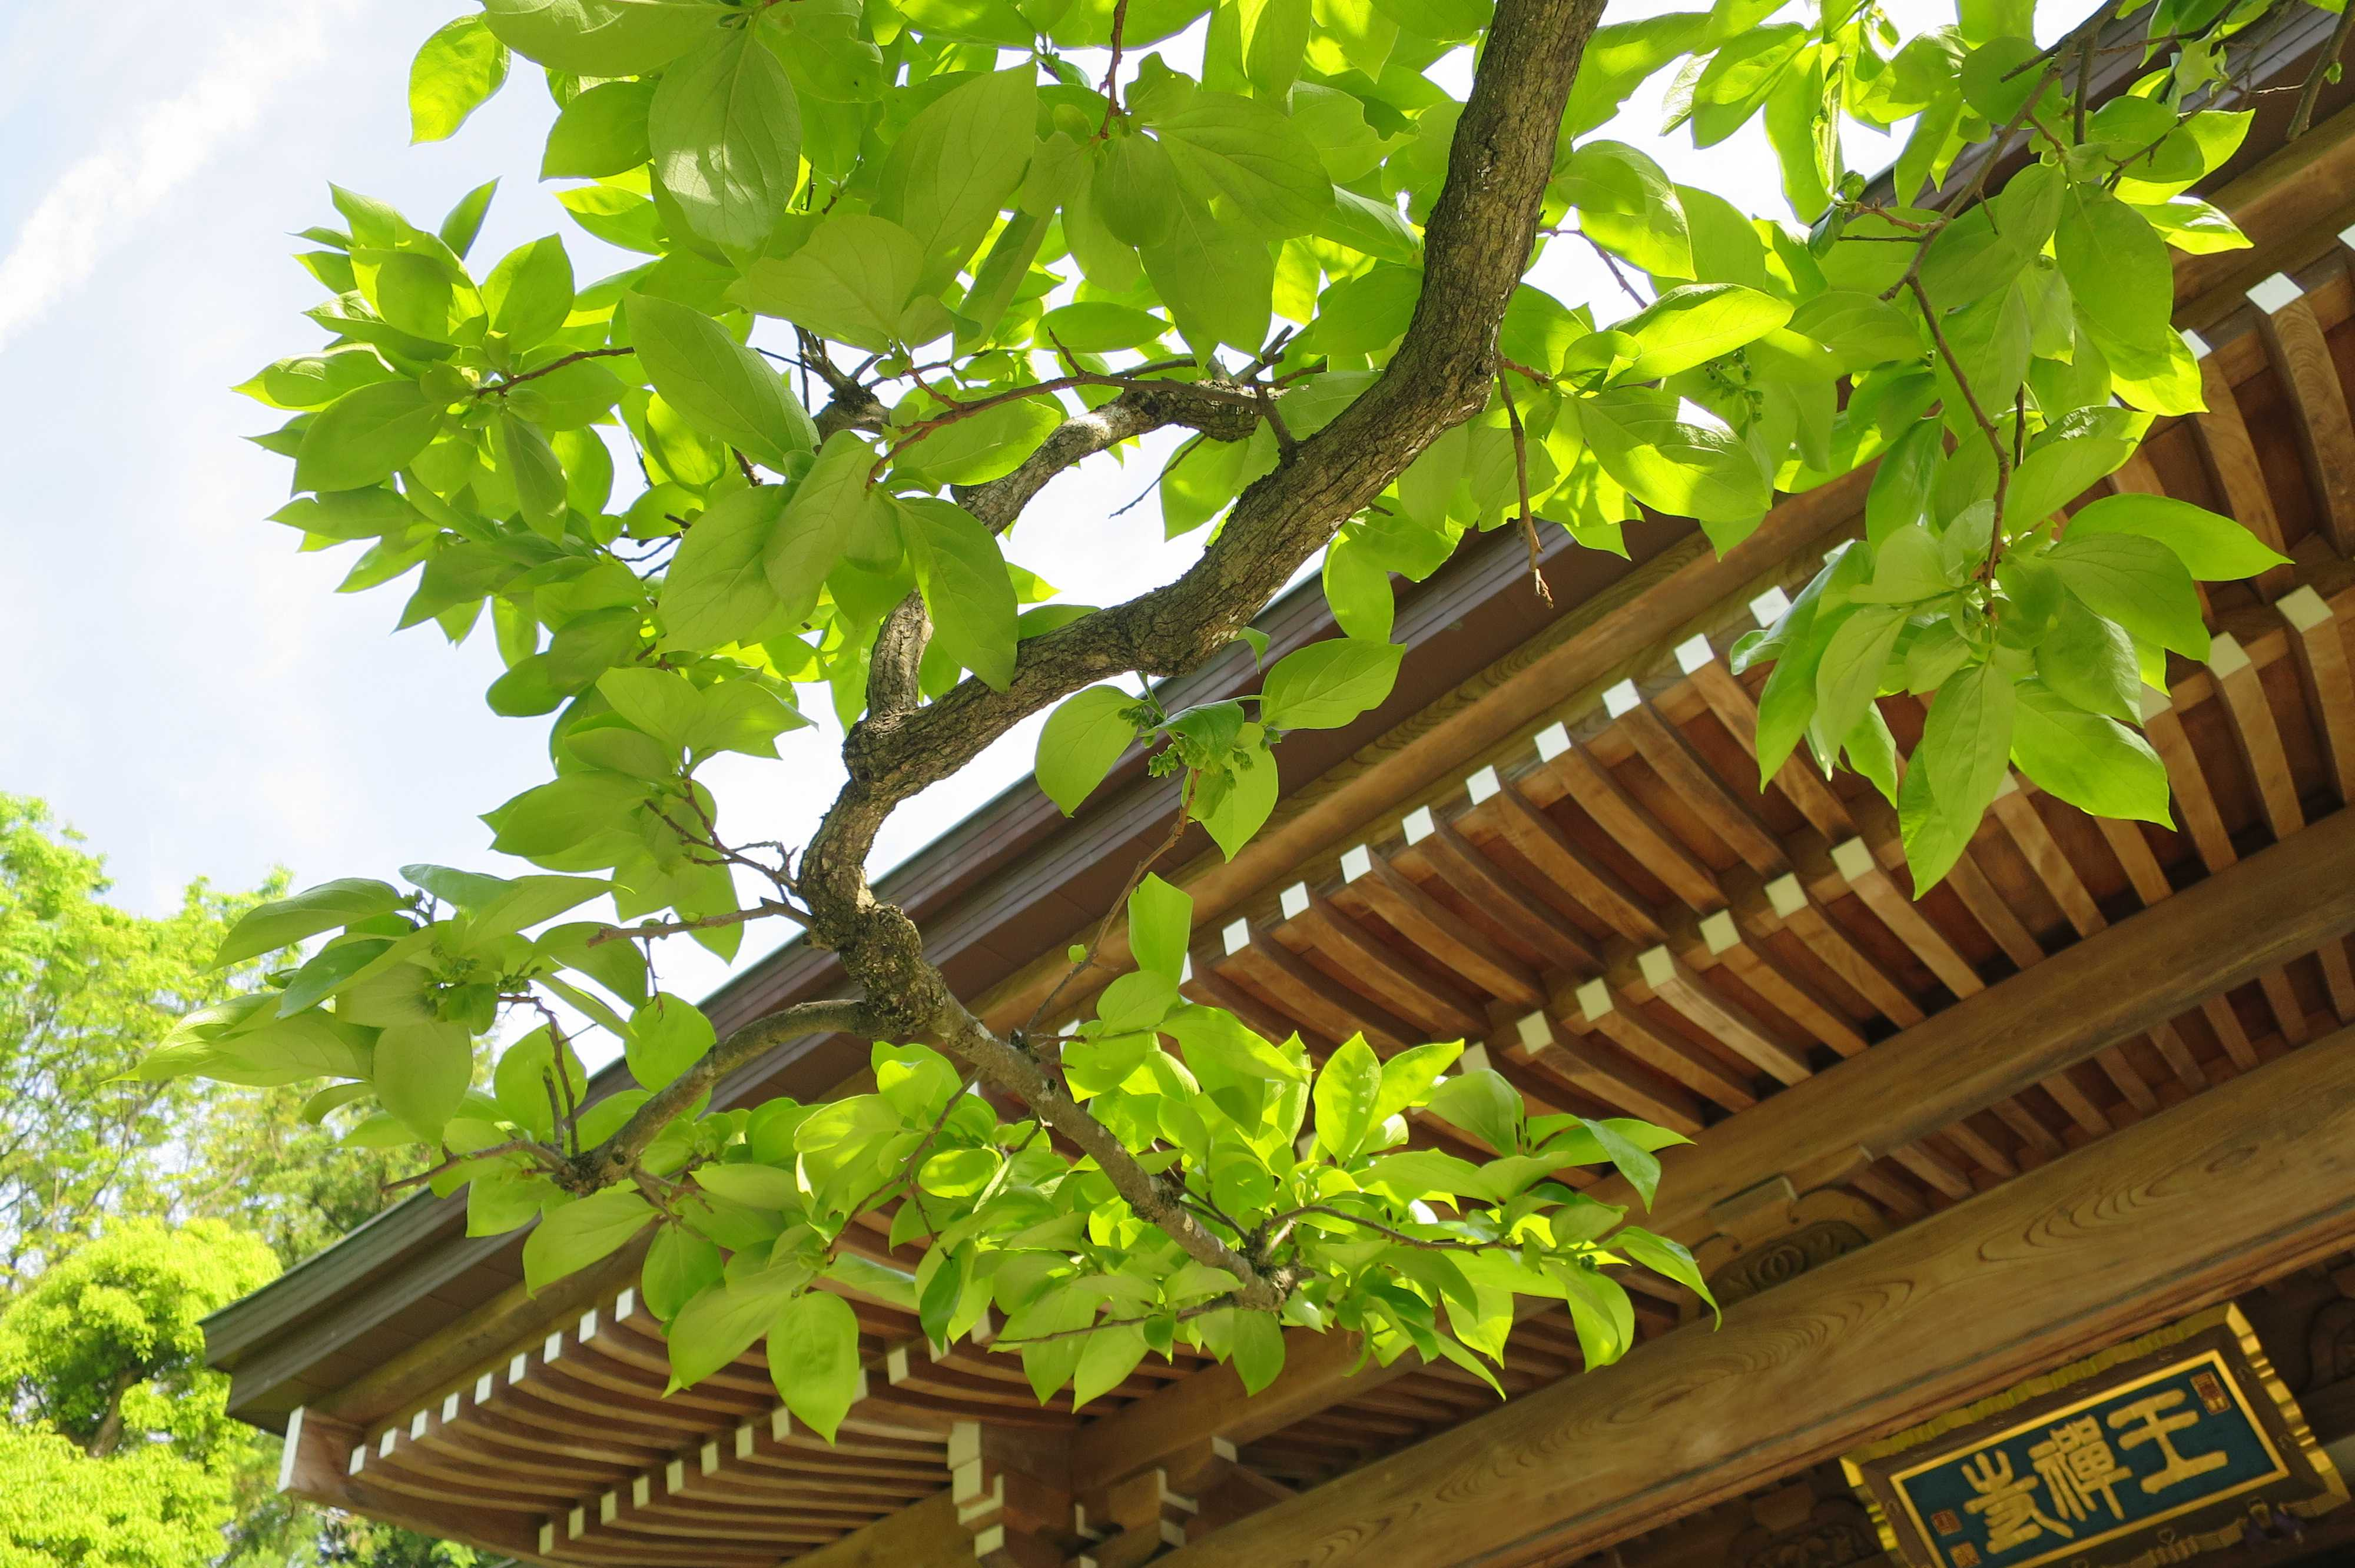 日本最古の甘柿 - 禅寺丸柿(ぜんじまるがき)の原木